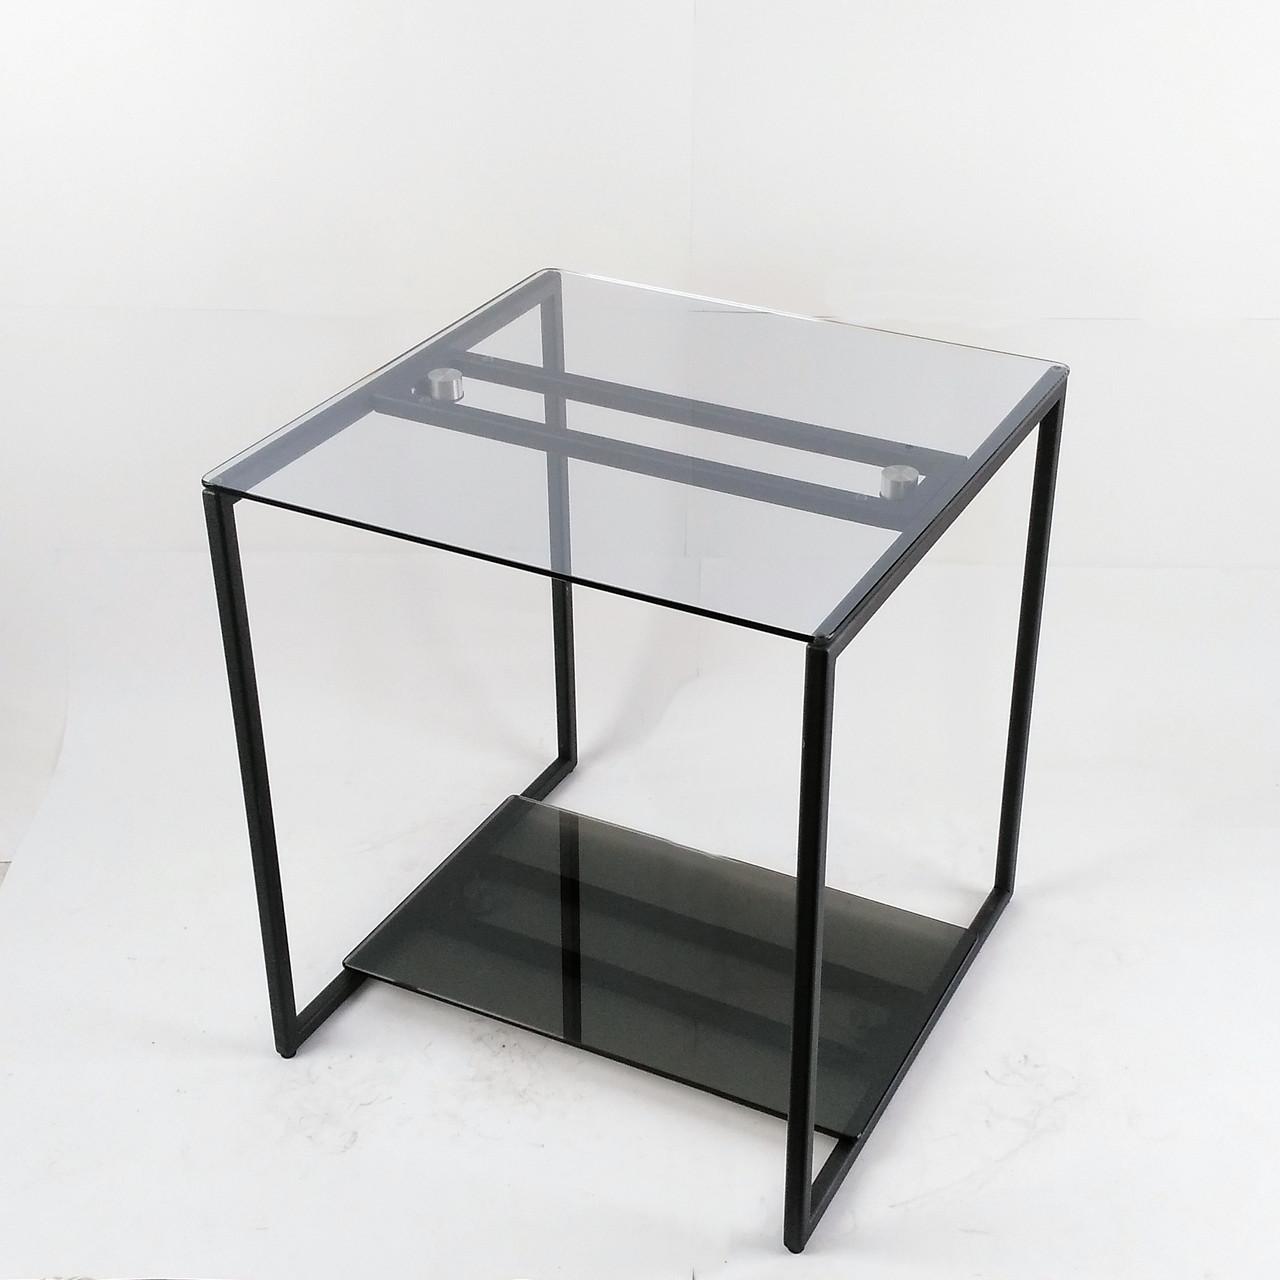 Стол журнальный Куб 450 стекло 6 мм прозрачное/графит - черный металл (Cub 450 cg-bl)